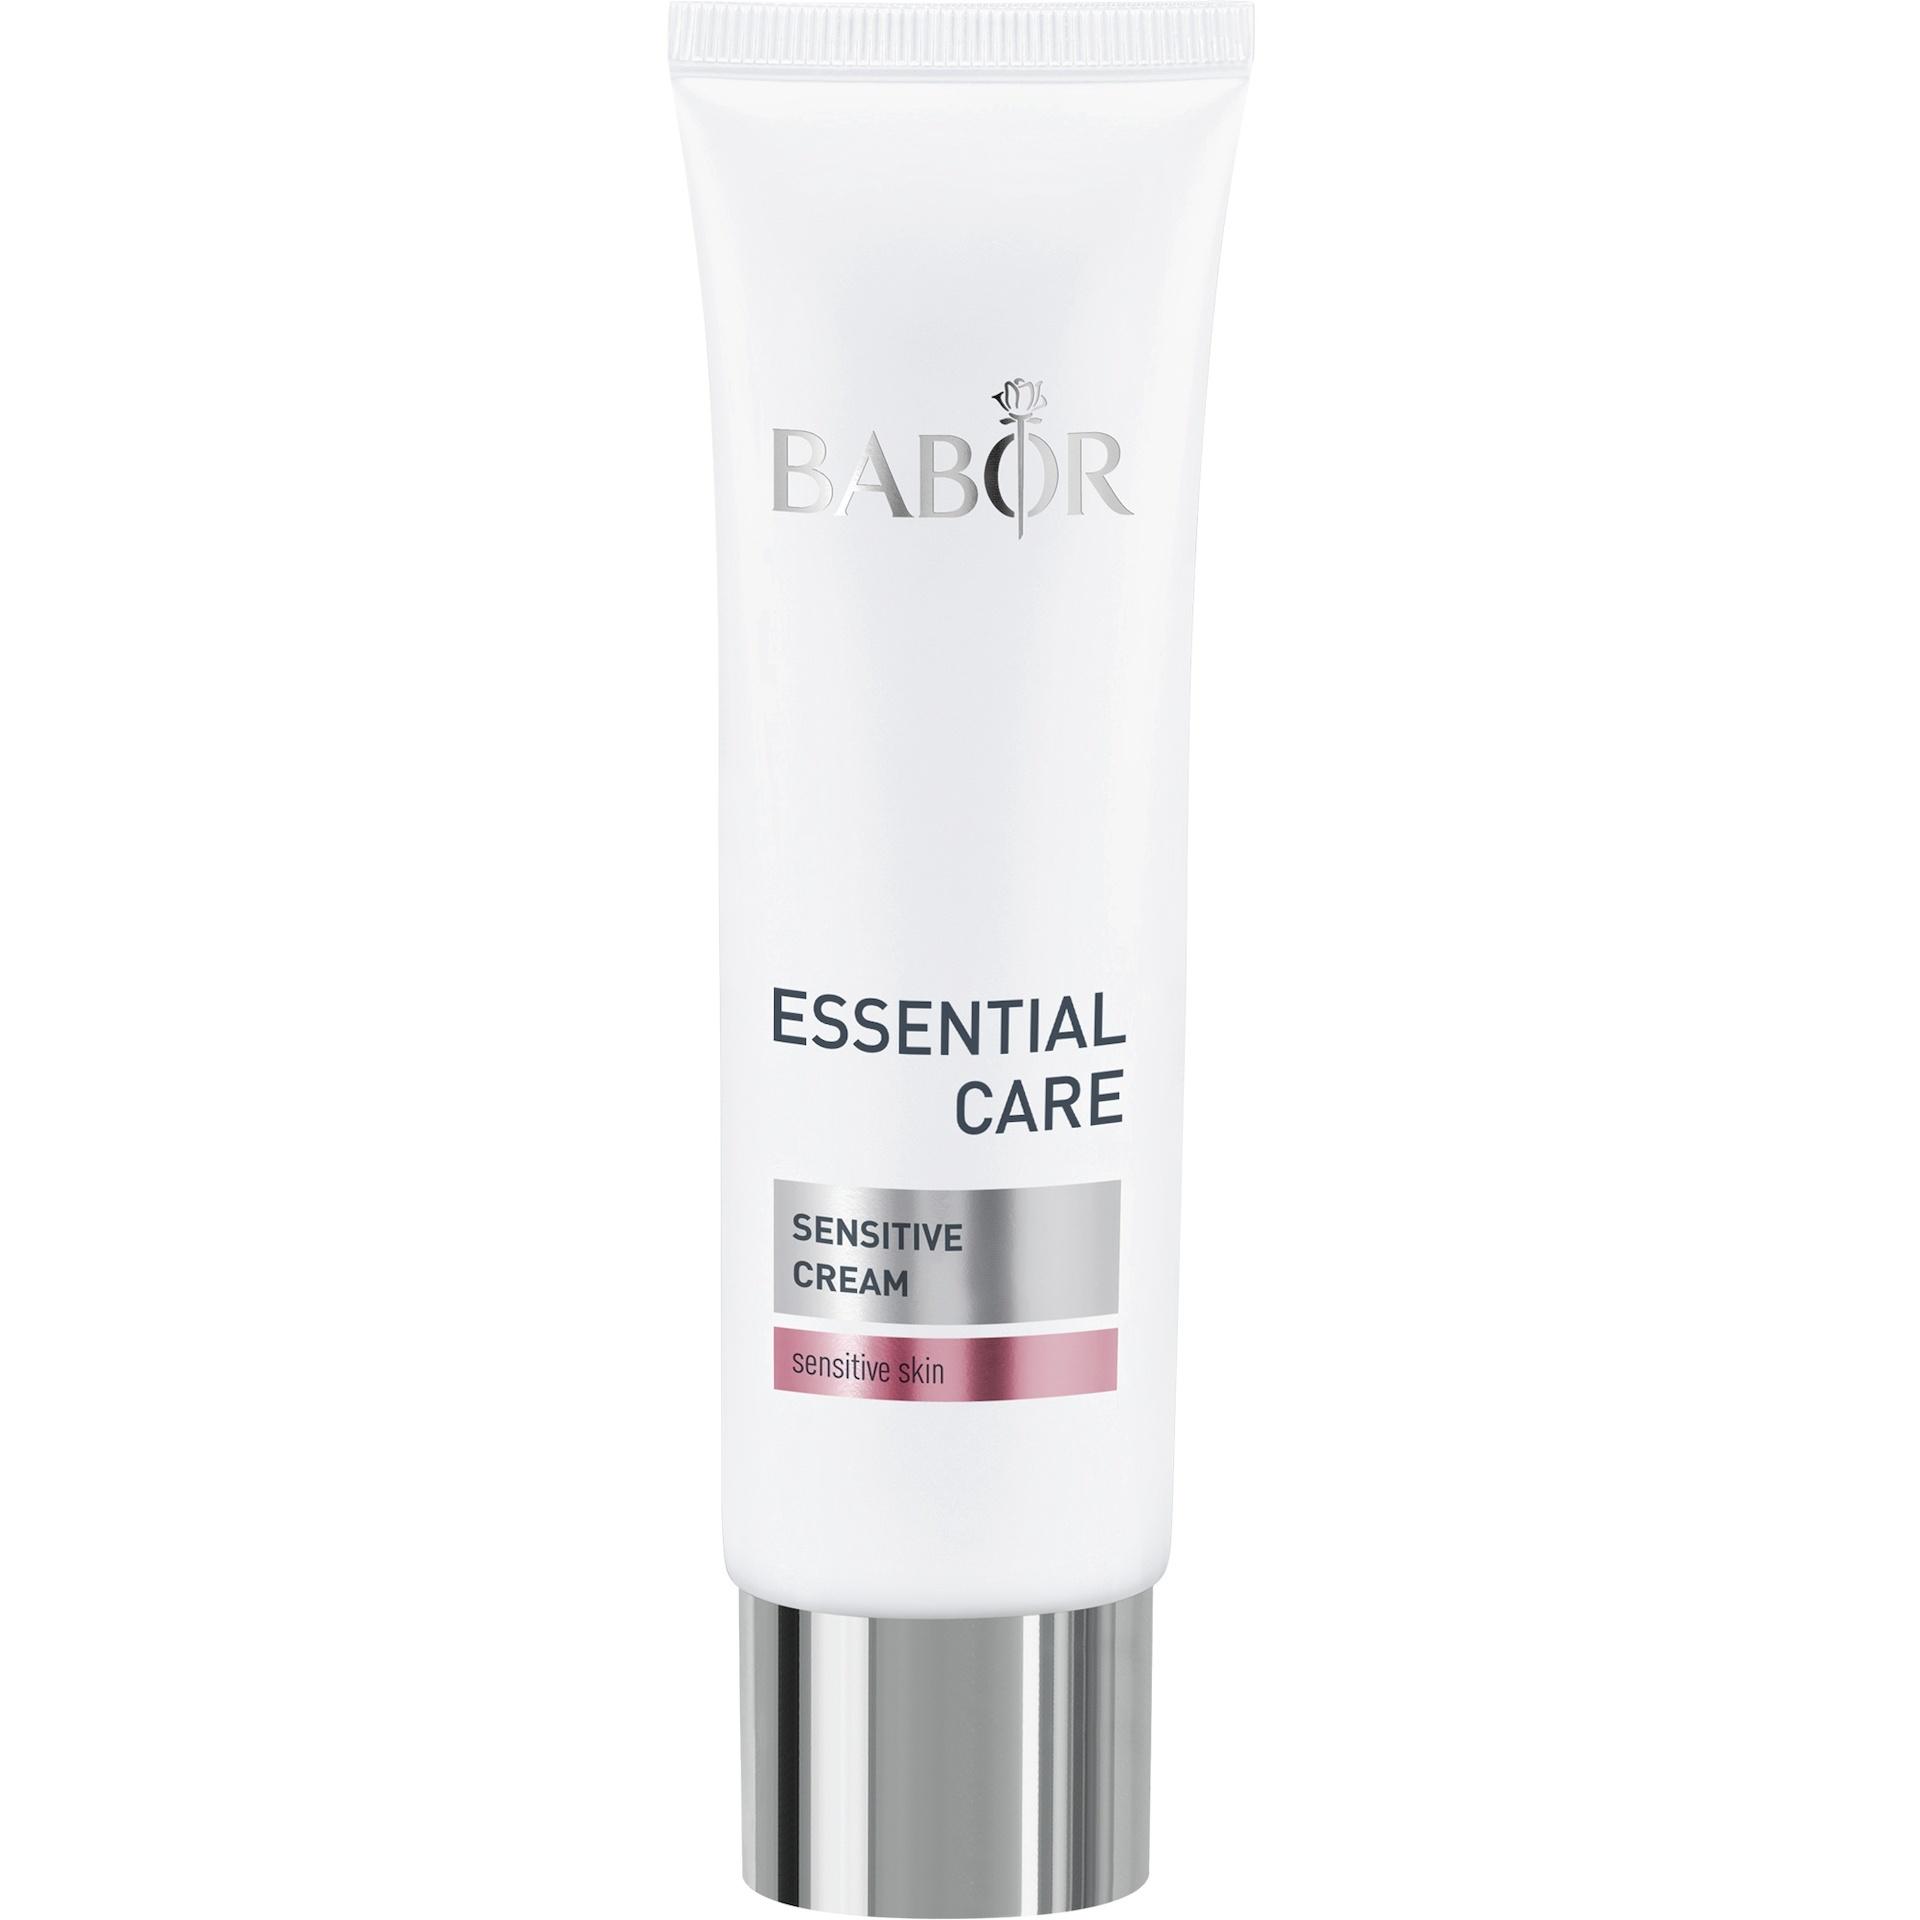 Essential Care Sensitive Cream 50ml